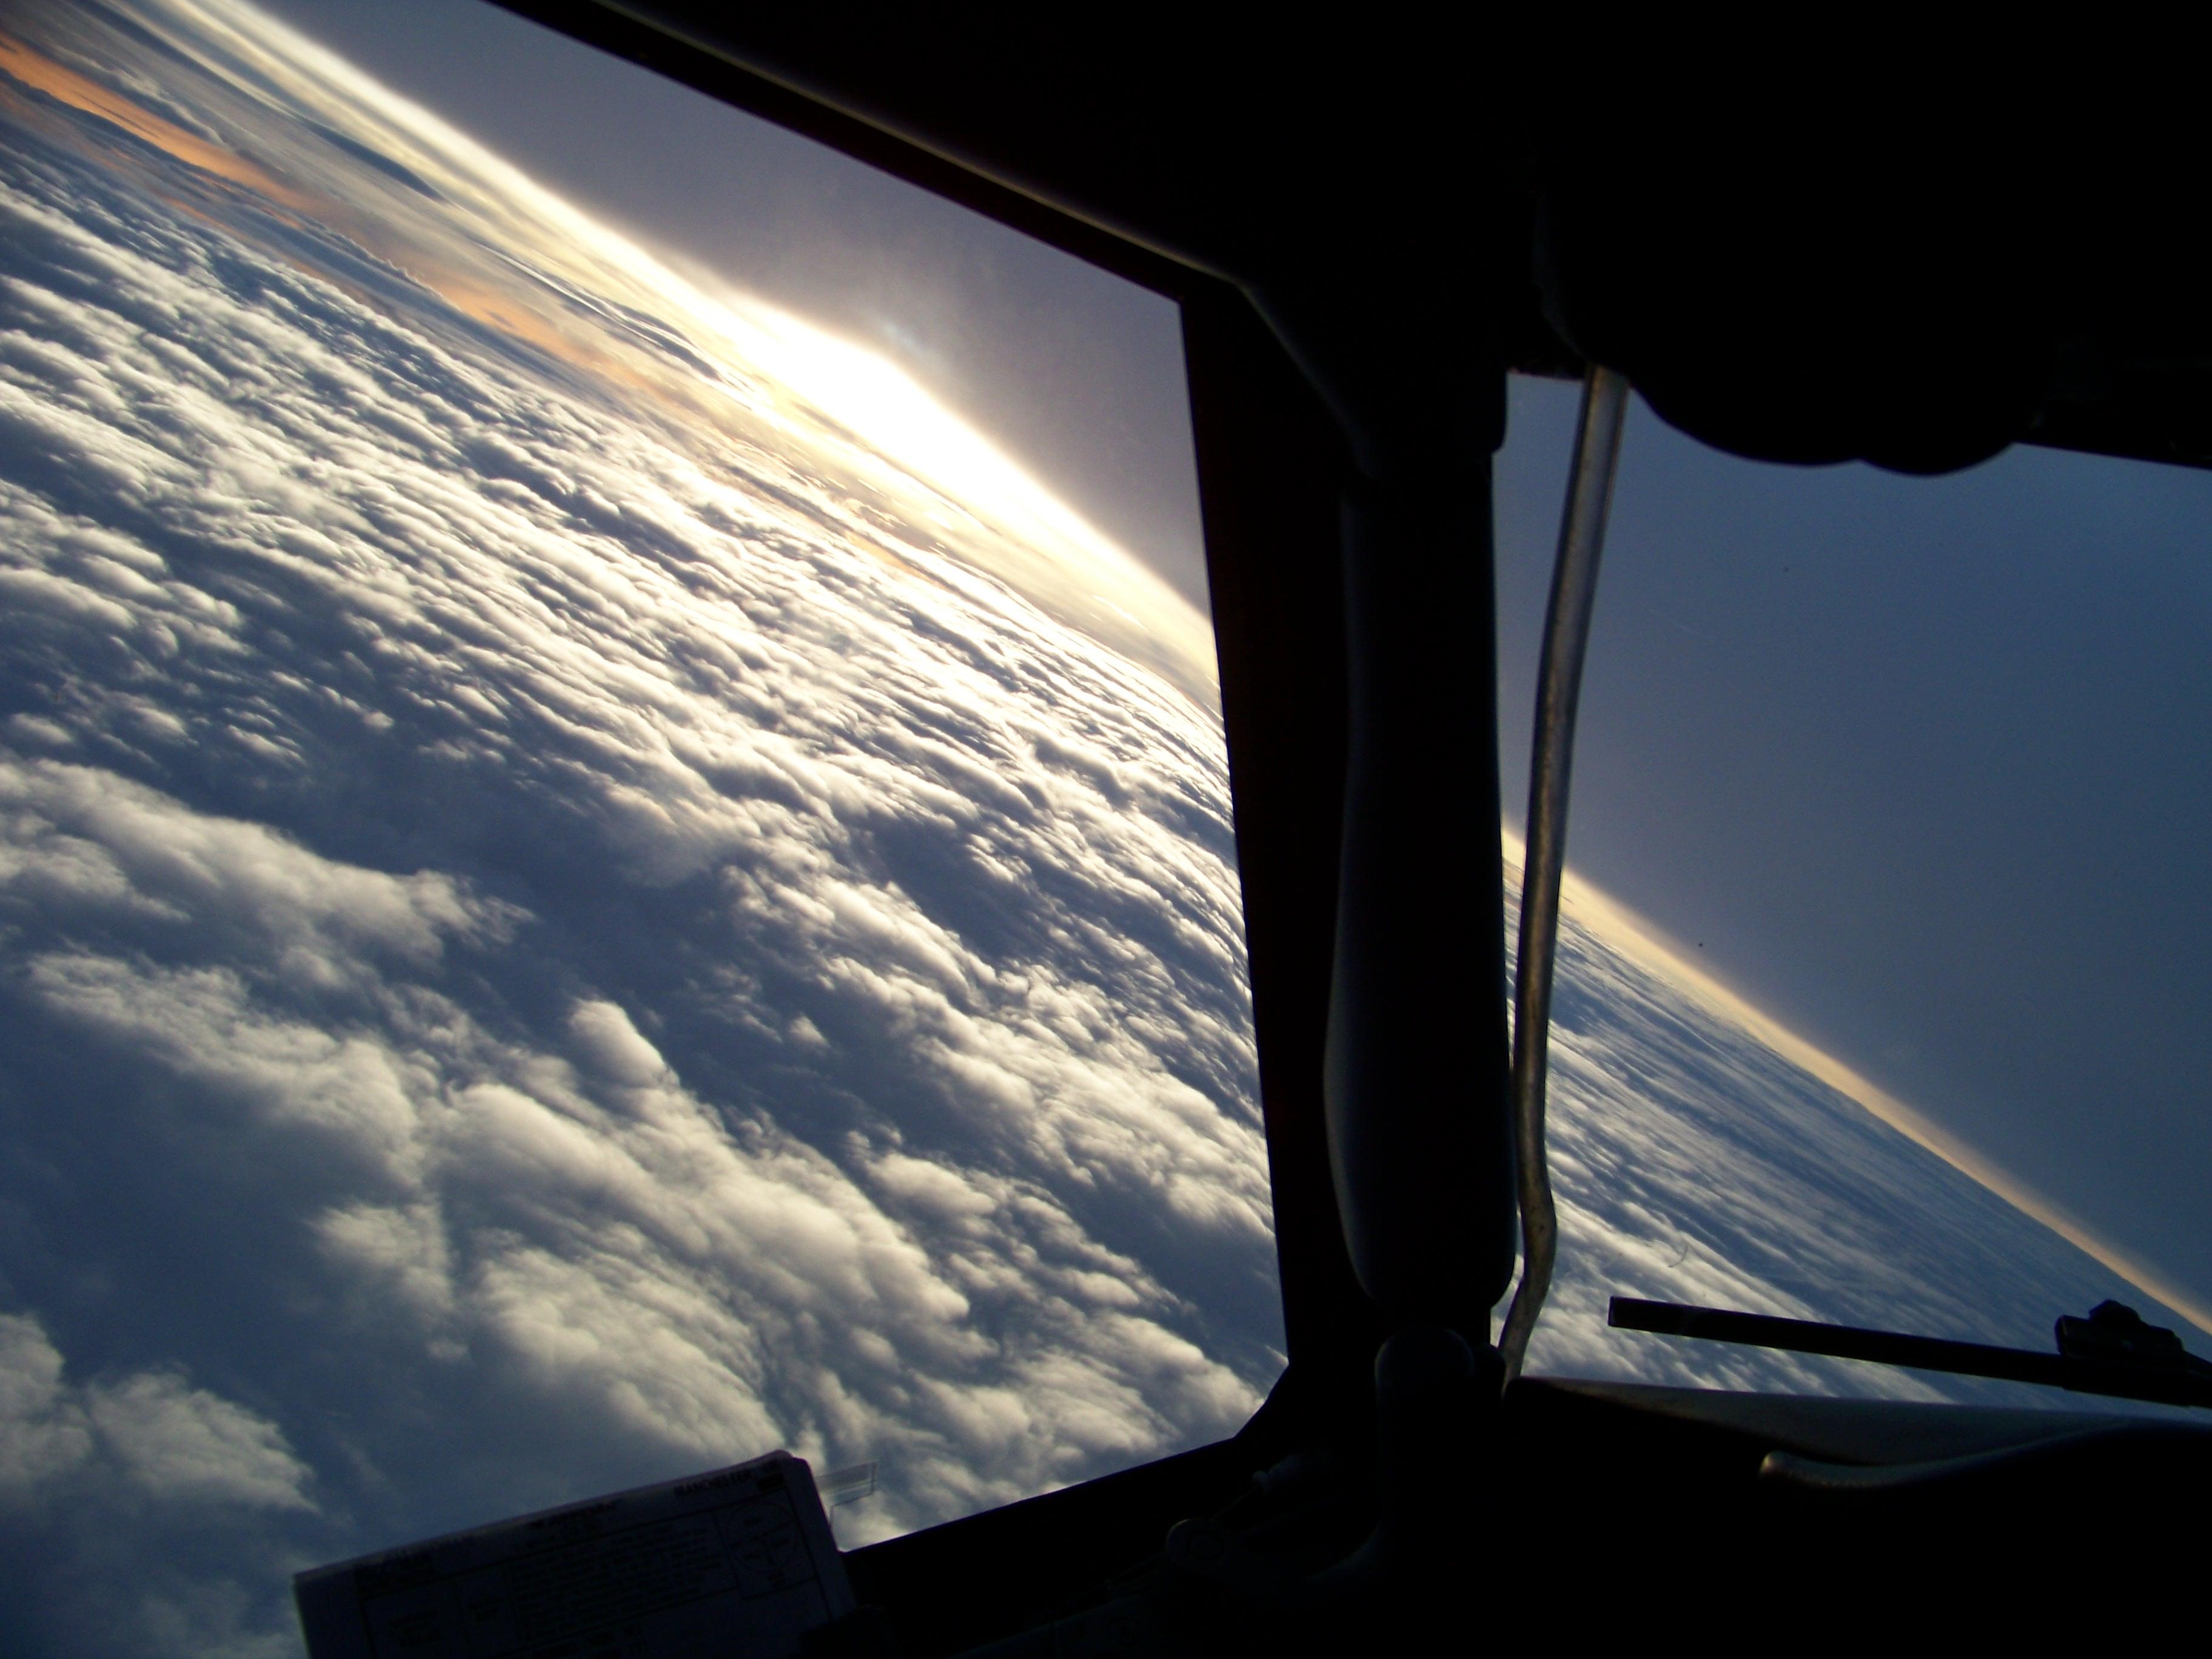 Har Du Pilot Drømme, Så Kig Her!